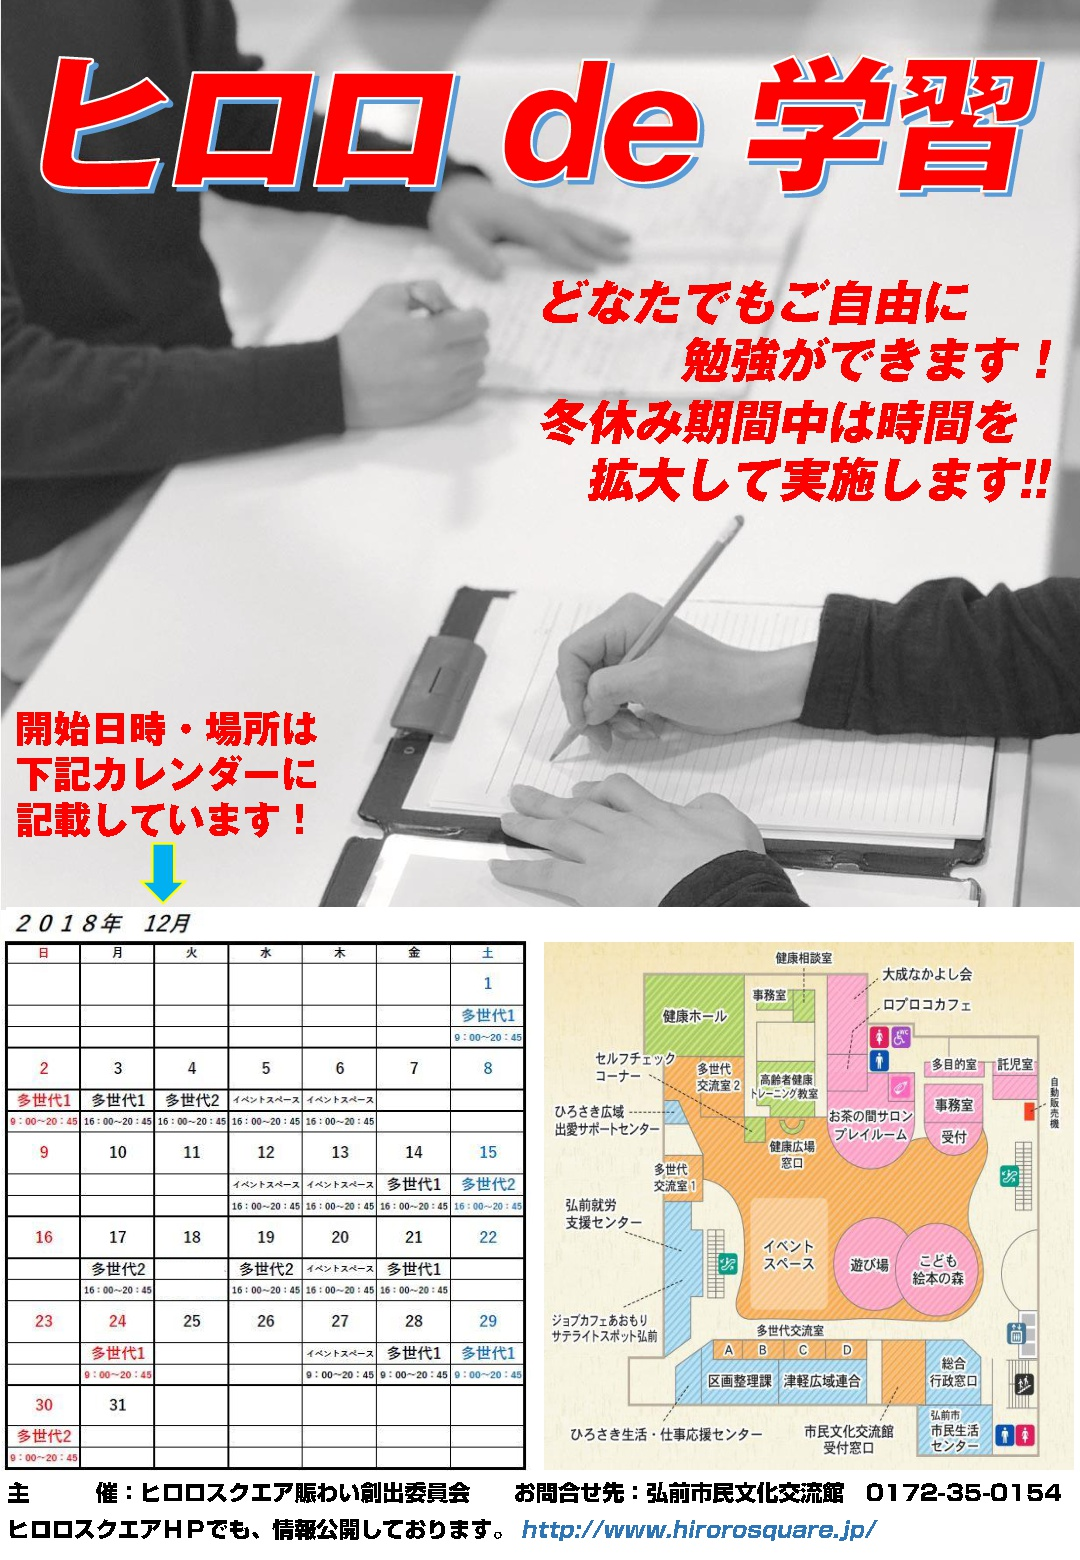 ヒロロde学習チラシ12月(カラー)-.jpg